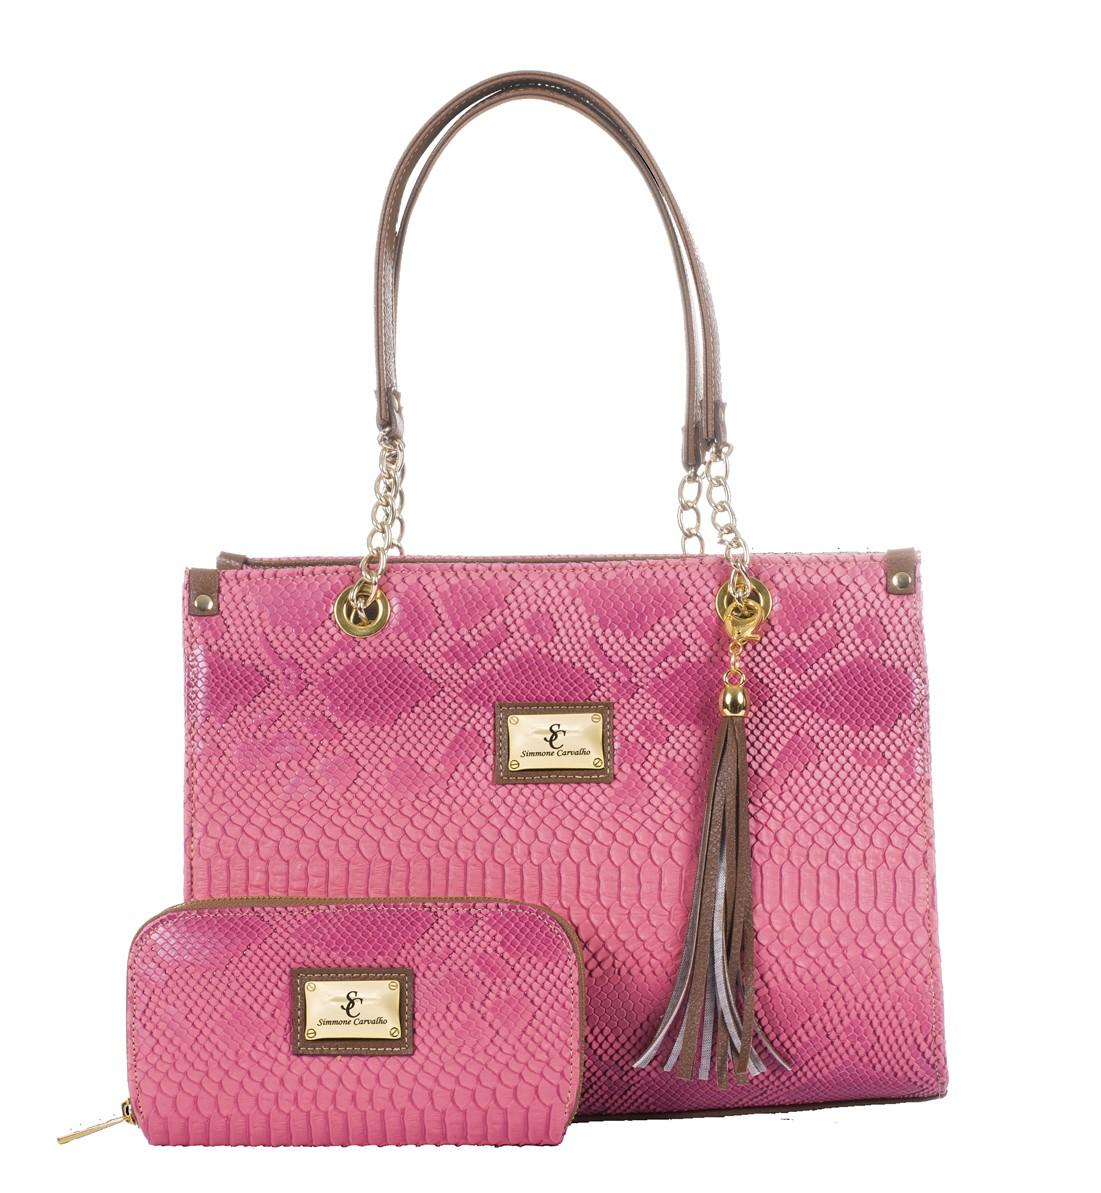 Bag Estrelícia Simmone Carvalho - SCb0004R